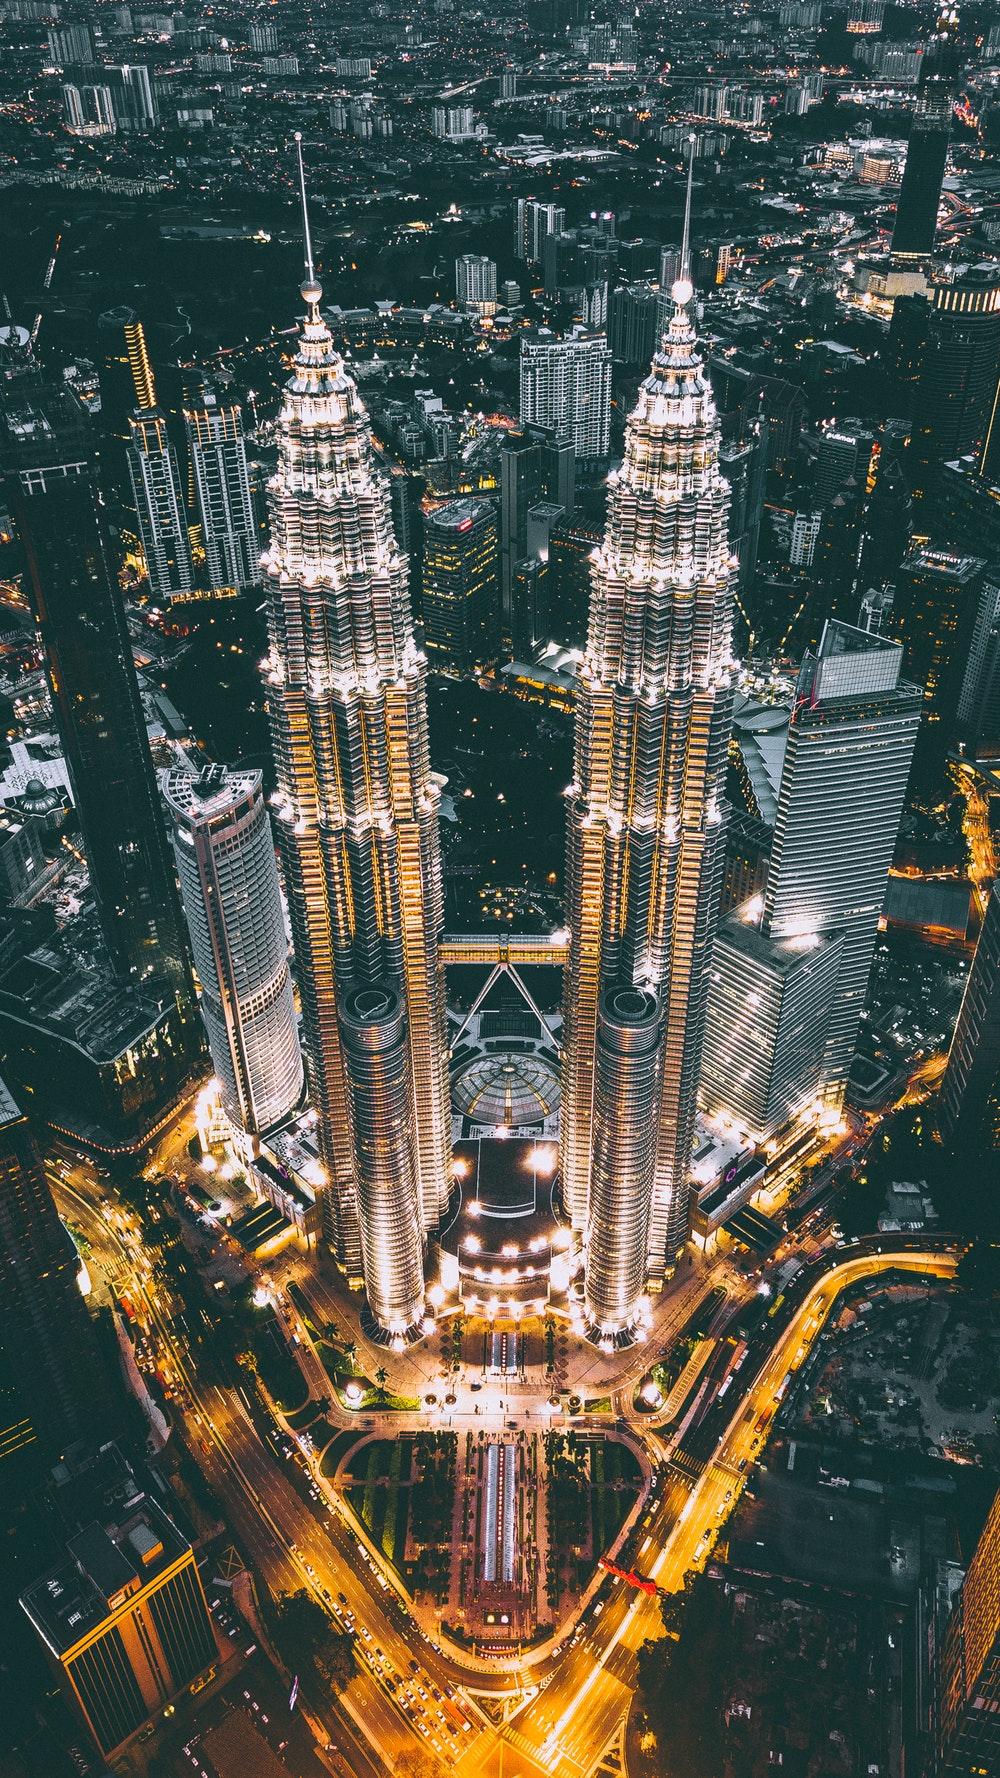 Xem chương trình du lịch tương tác trực tuyến của KingGo mới biết có một Malaysia đẹp hút hồn tới vậy! - Ảnh 12.